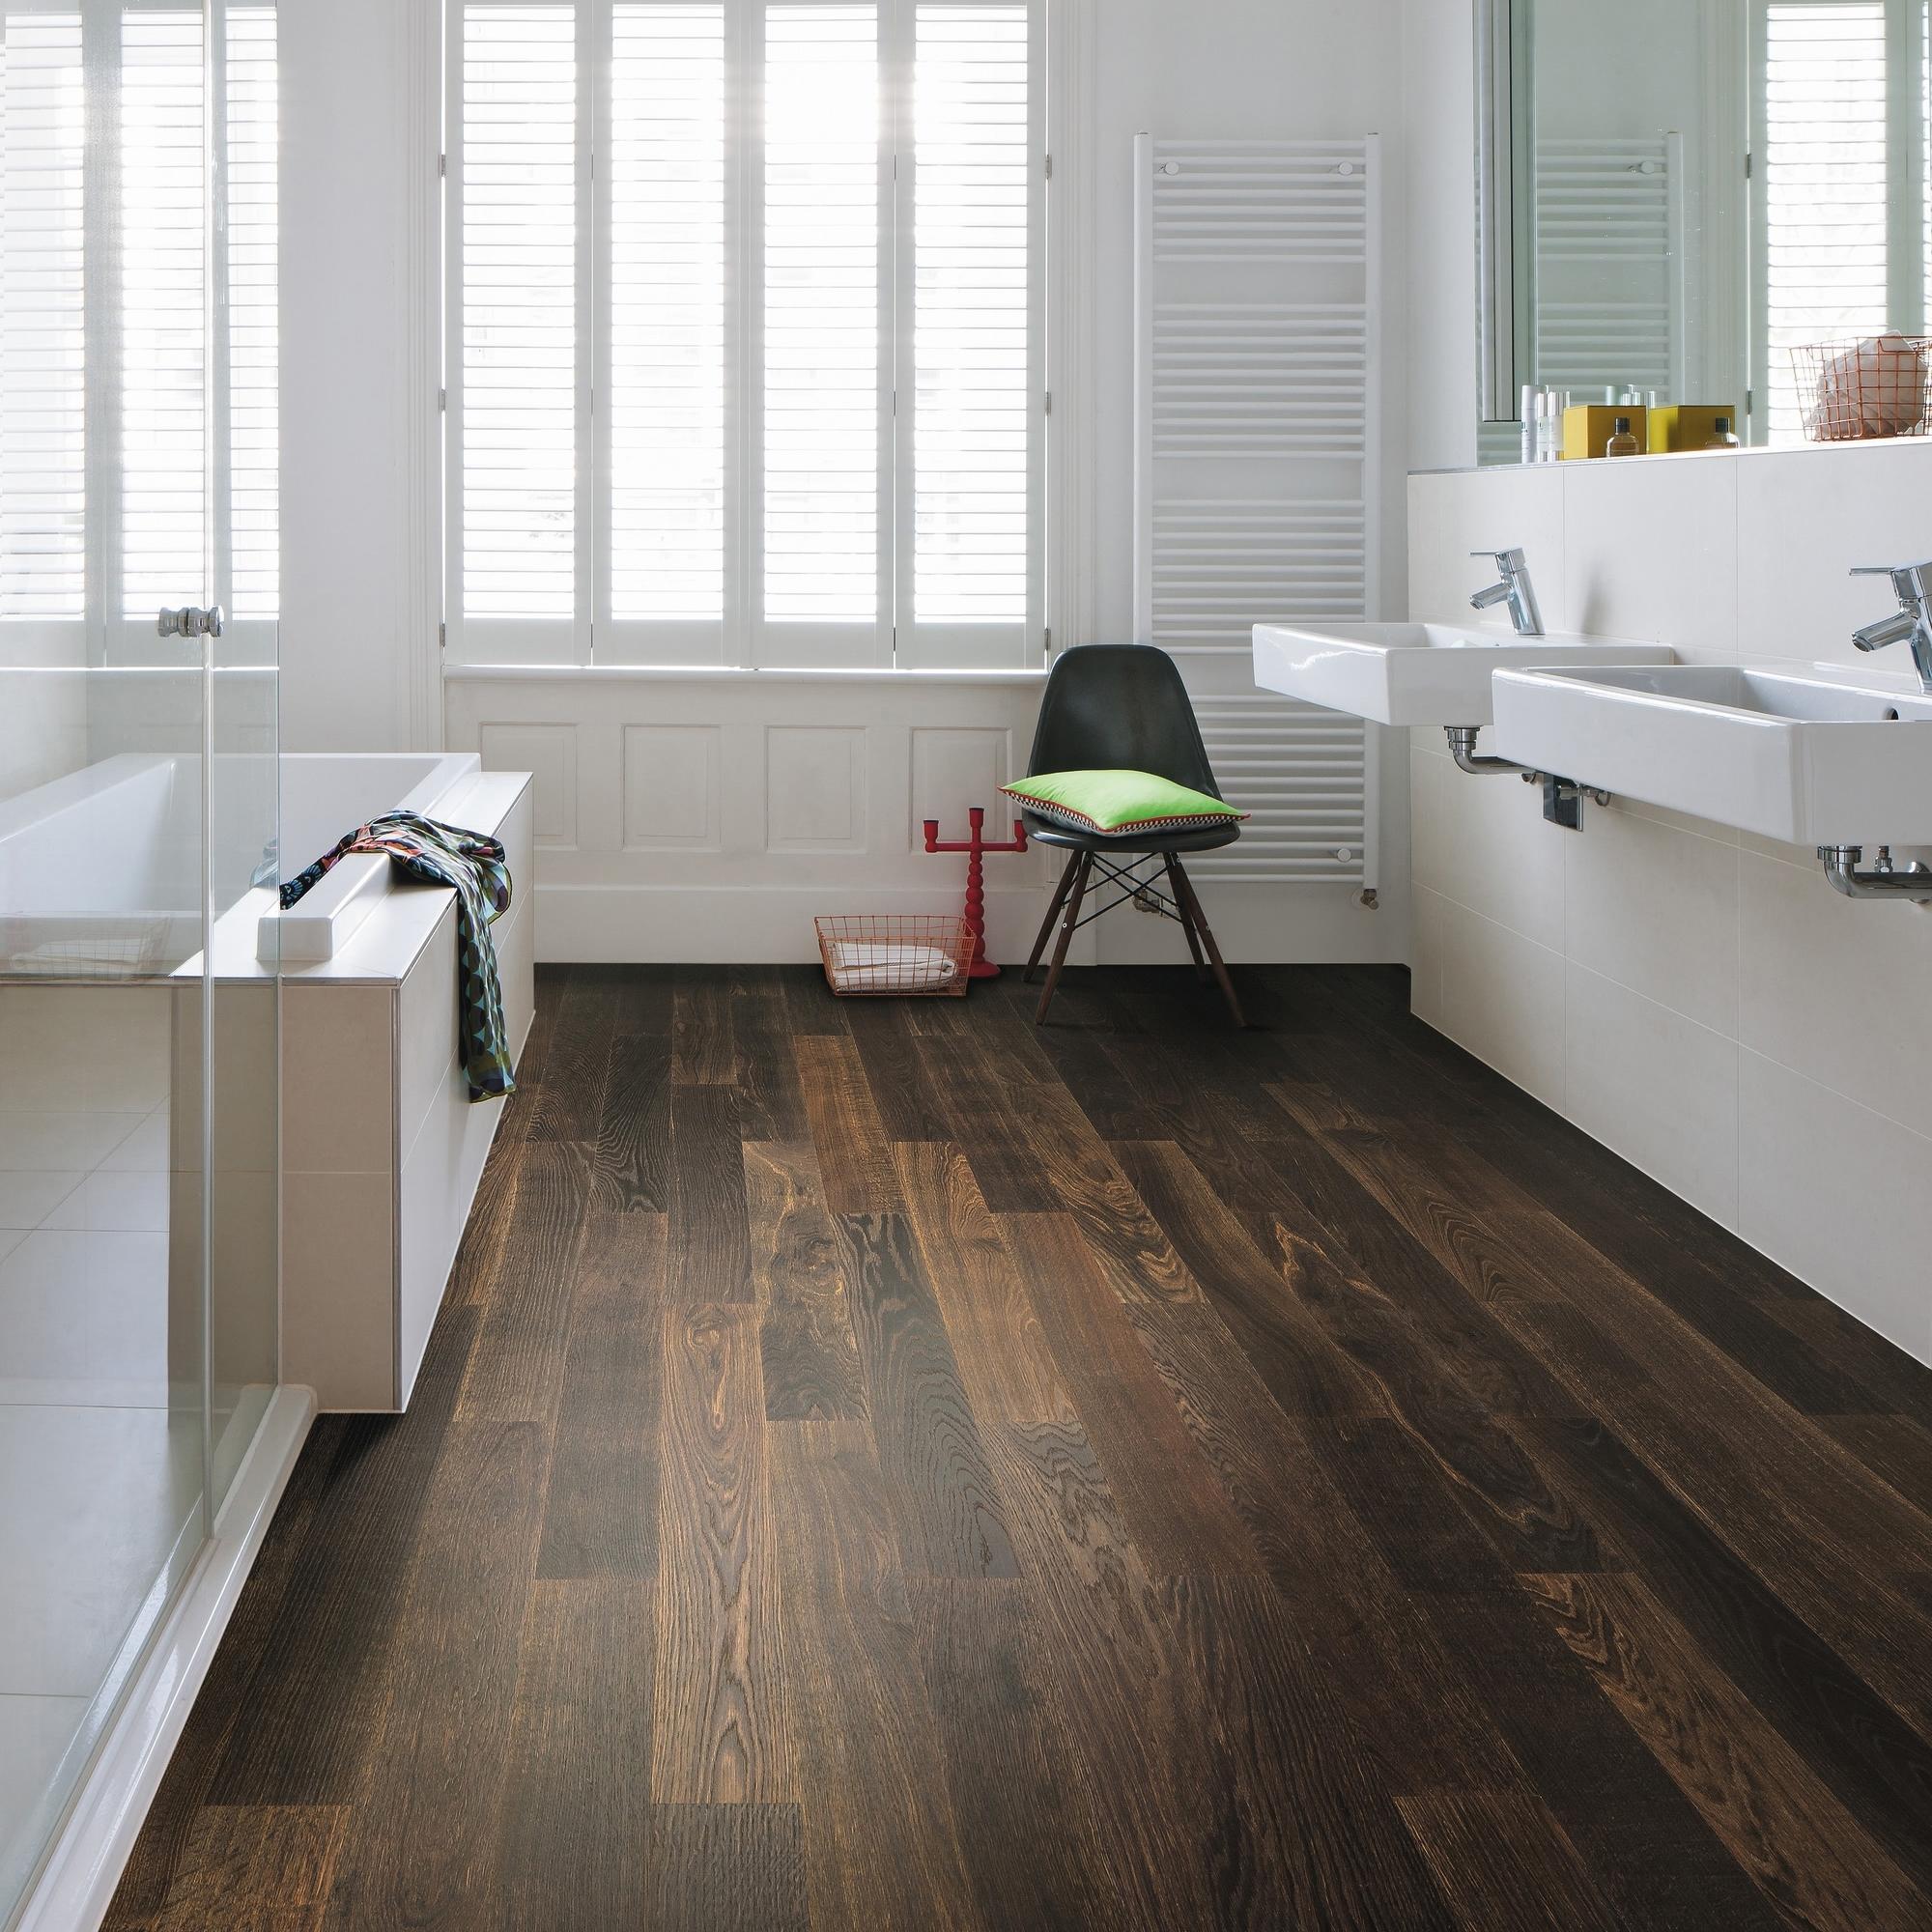 schreinerei esslingen mnchaltdorf kchen stream rossneckar mit der alten schreinerei und der. Black Bedroom Furniture Sets. Home Design Ideas